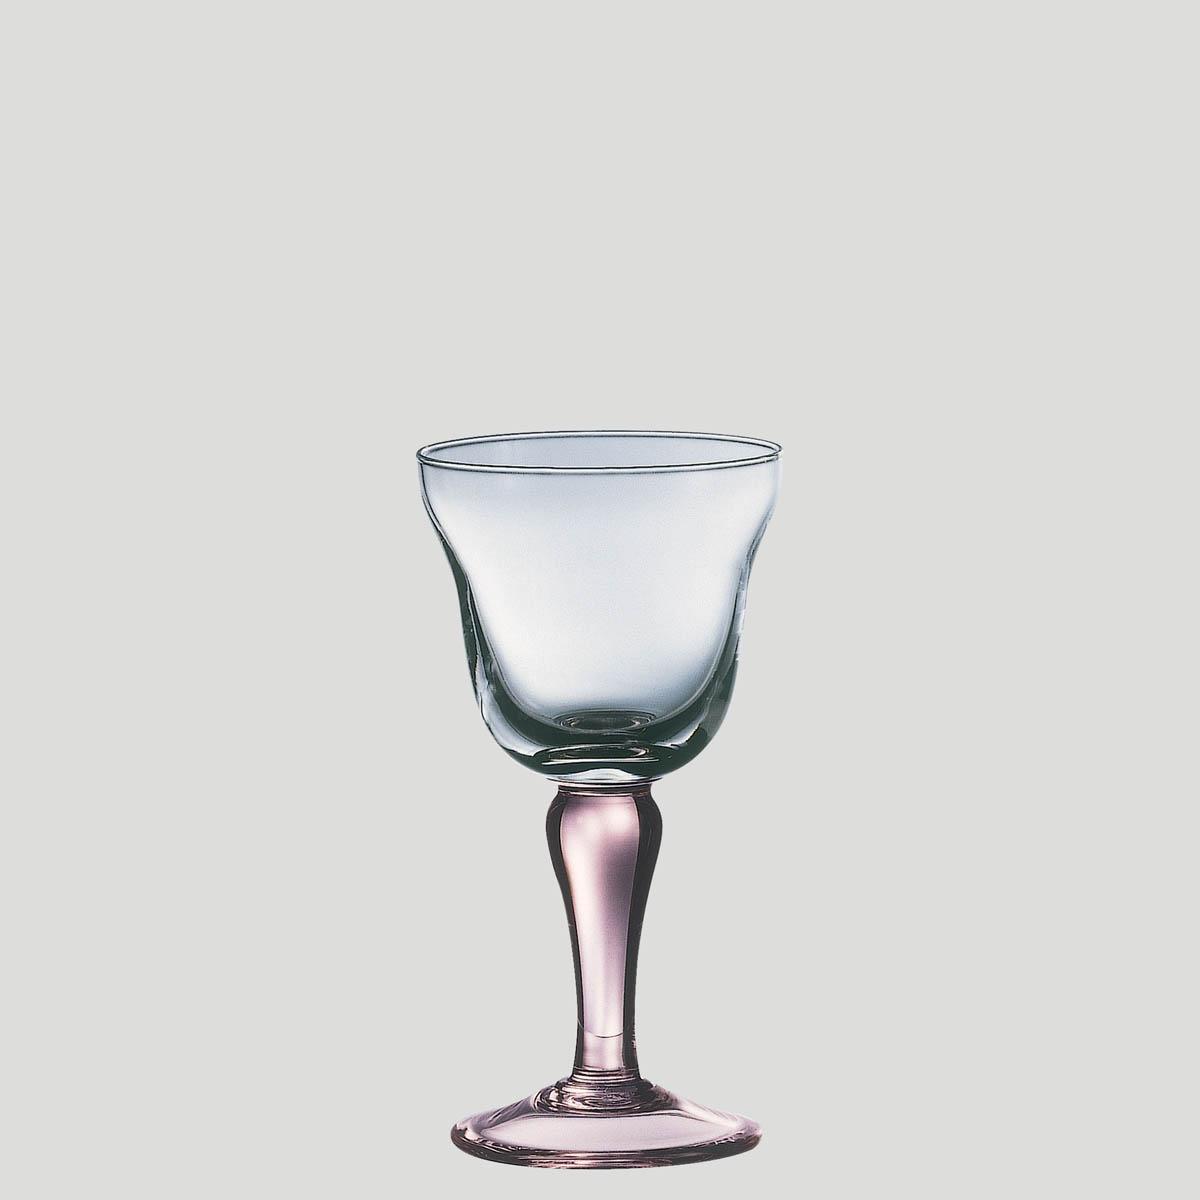 Lucca Media - Coppe per gelato in vetro - Gardagel